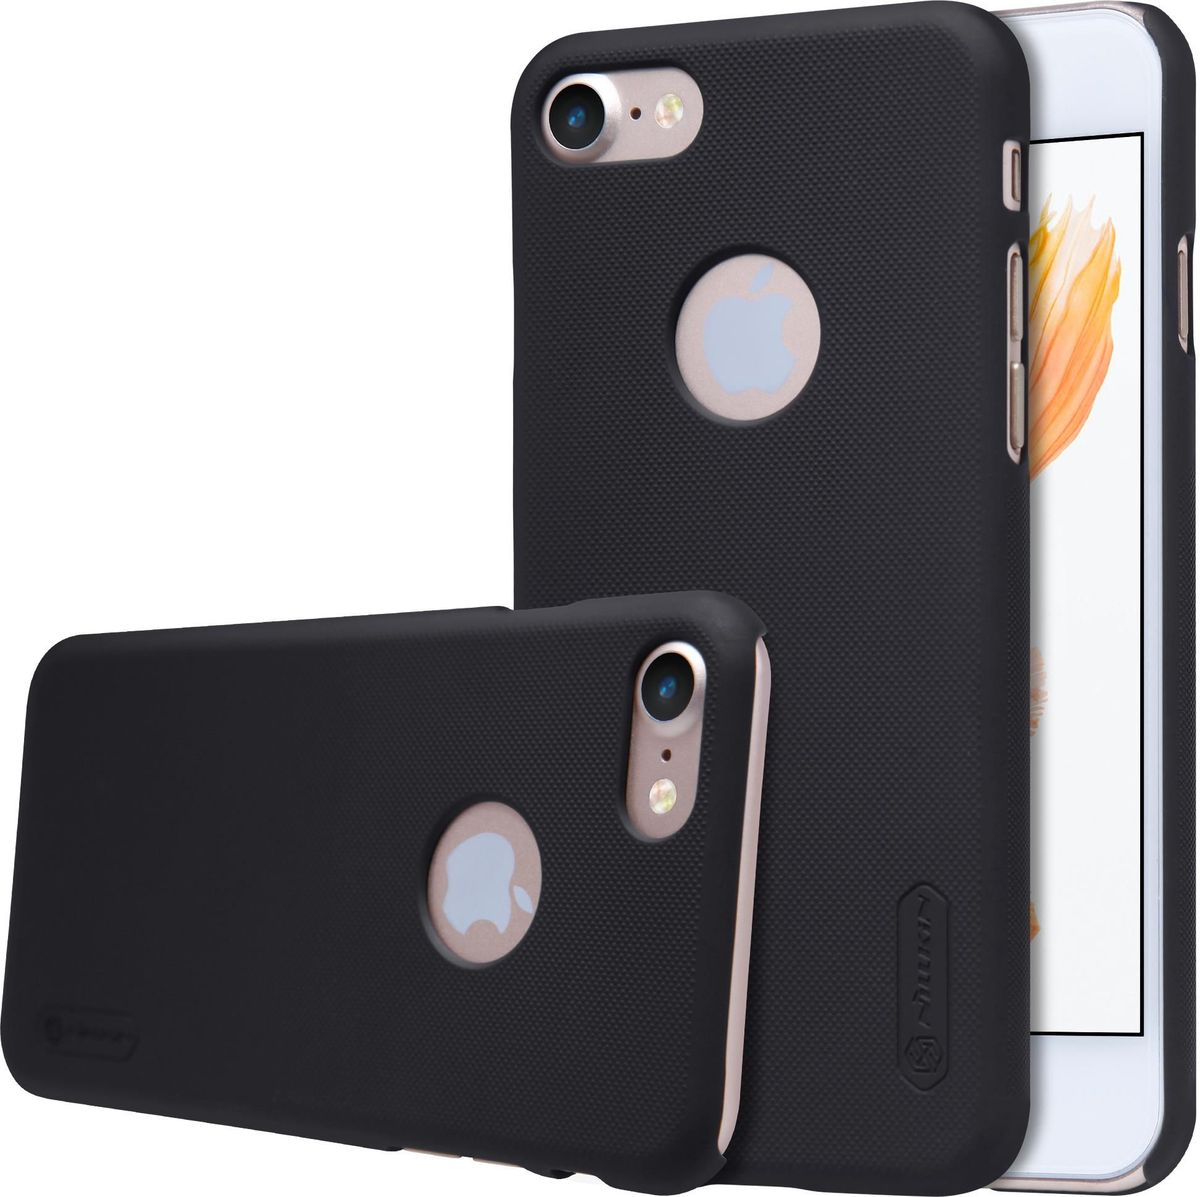 Nillkin Super Frosted Shieldчехол для Apple iPhone 7/8, Black Nillkin